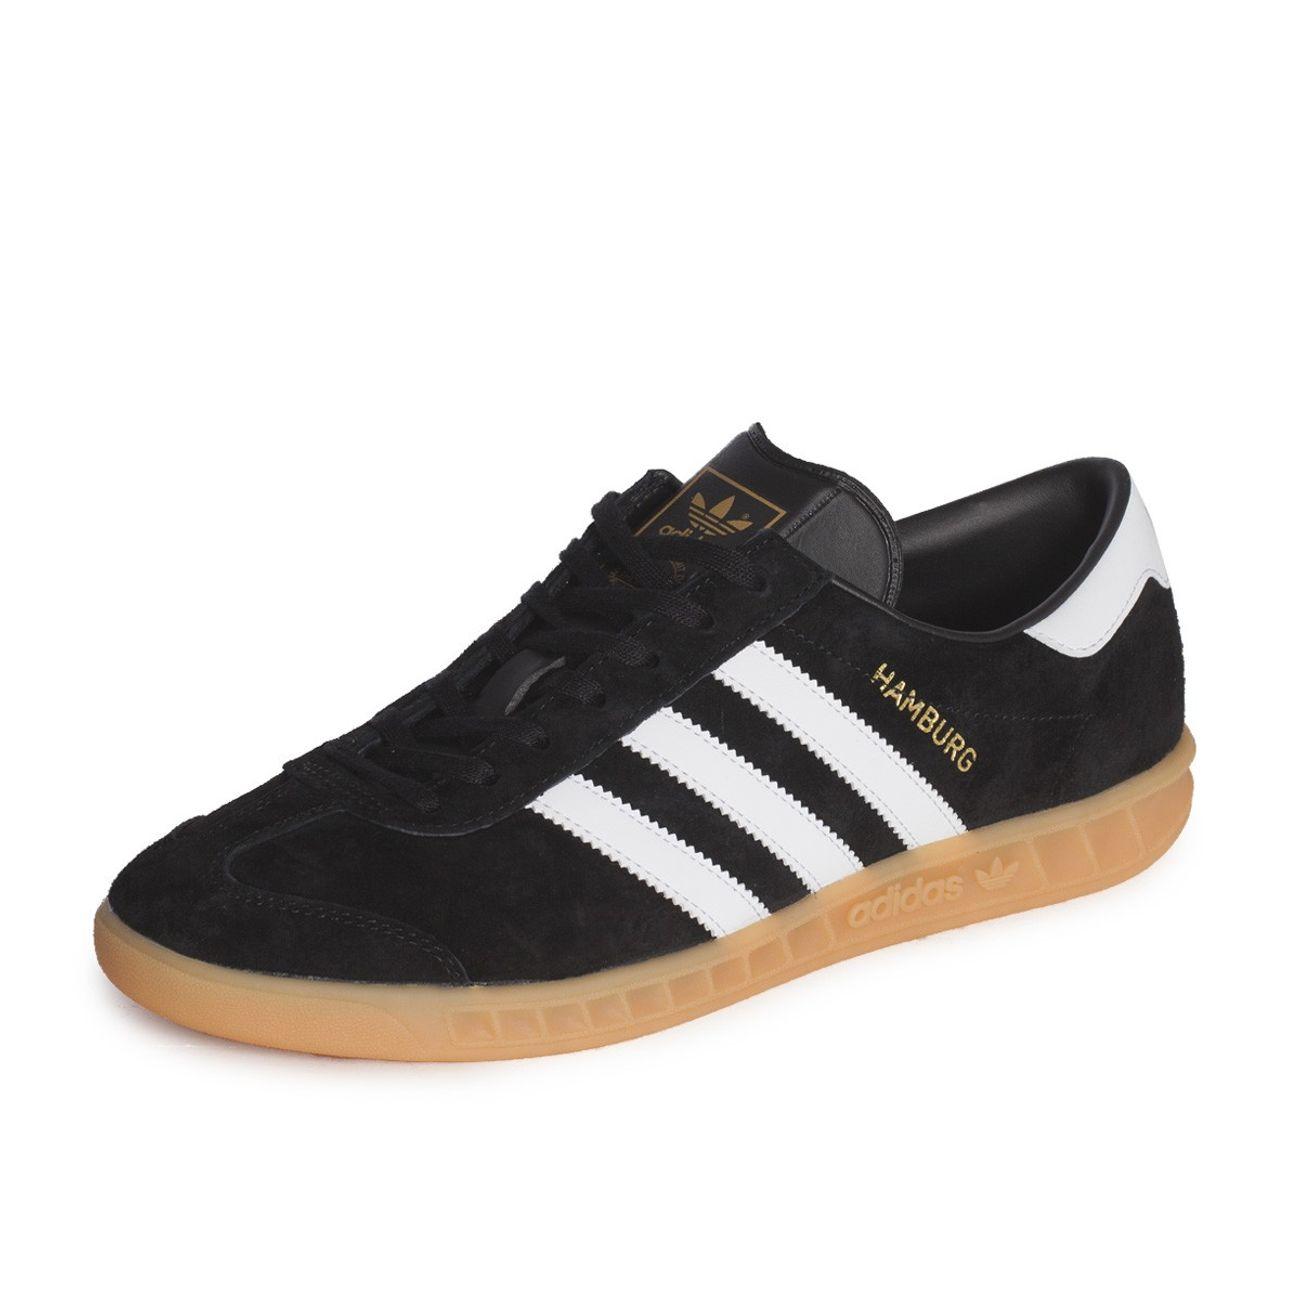 meilleure sélection 83a52 e443f Mode- Lifestyle homme ADIDAS ORIGINALS Baskets adidas Originals Hamburg -  S76696